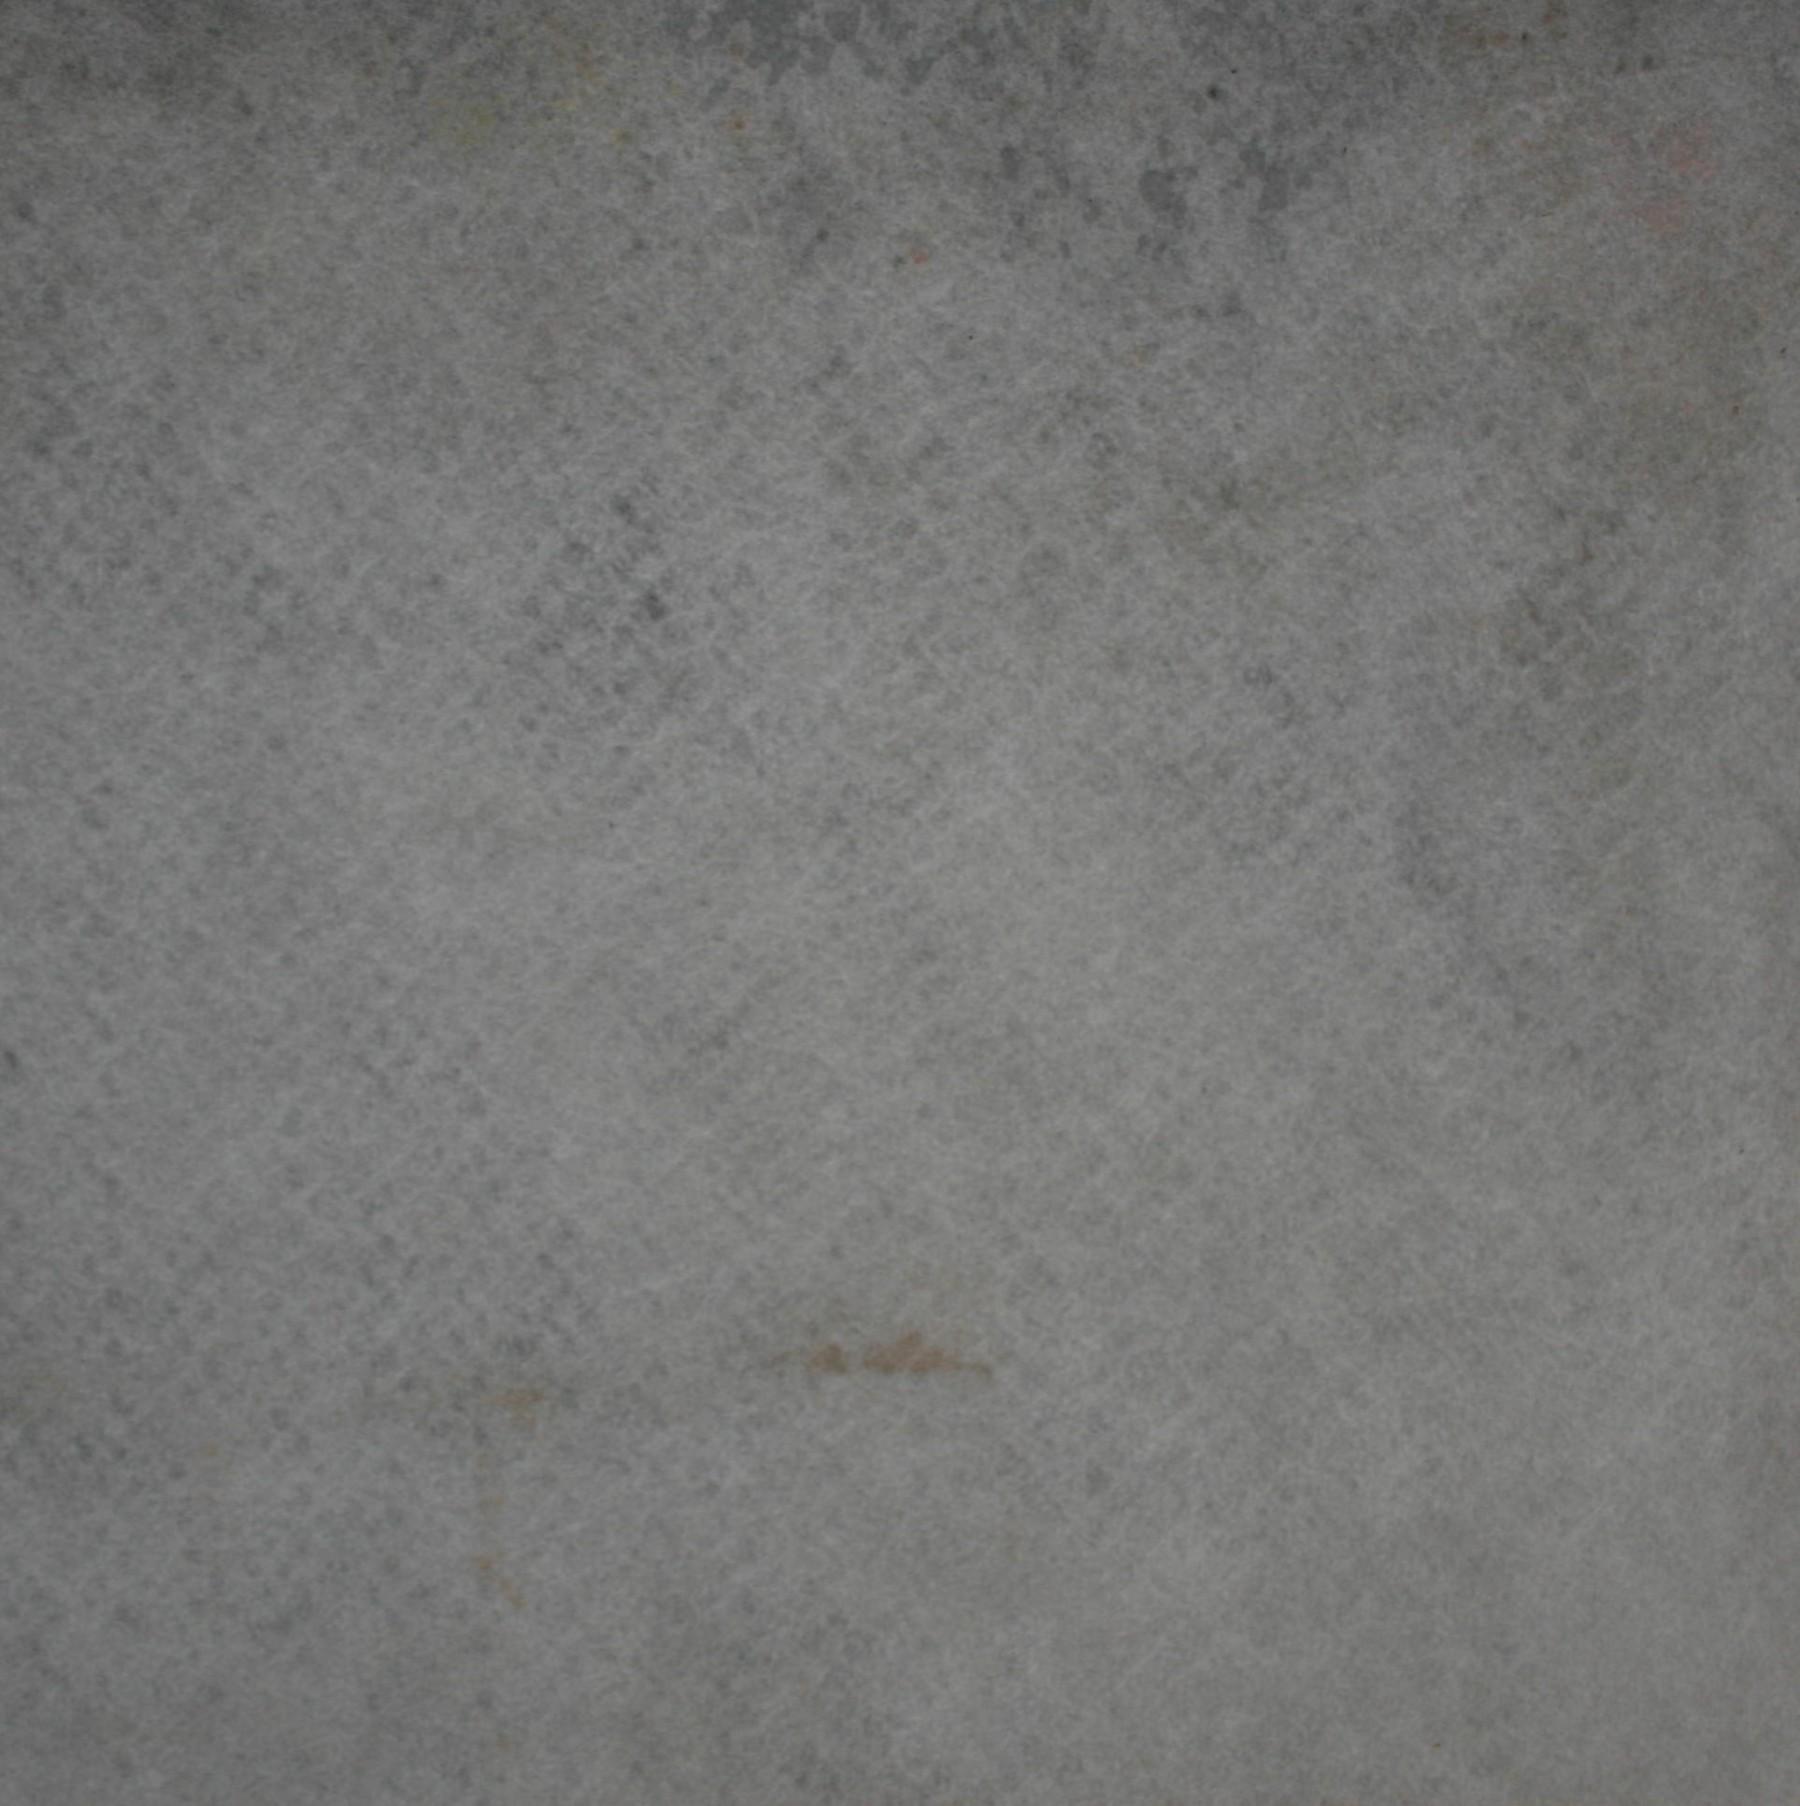 Ukrudtsdug 180 Fibertex PPR433 grå, pris/lbm - Folie og dug - Diverse